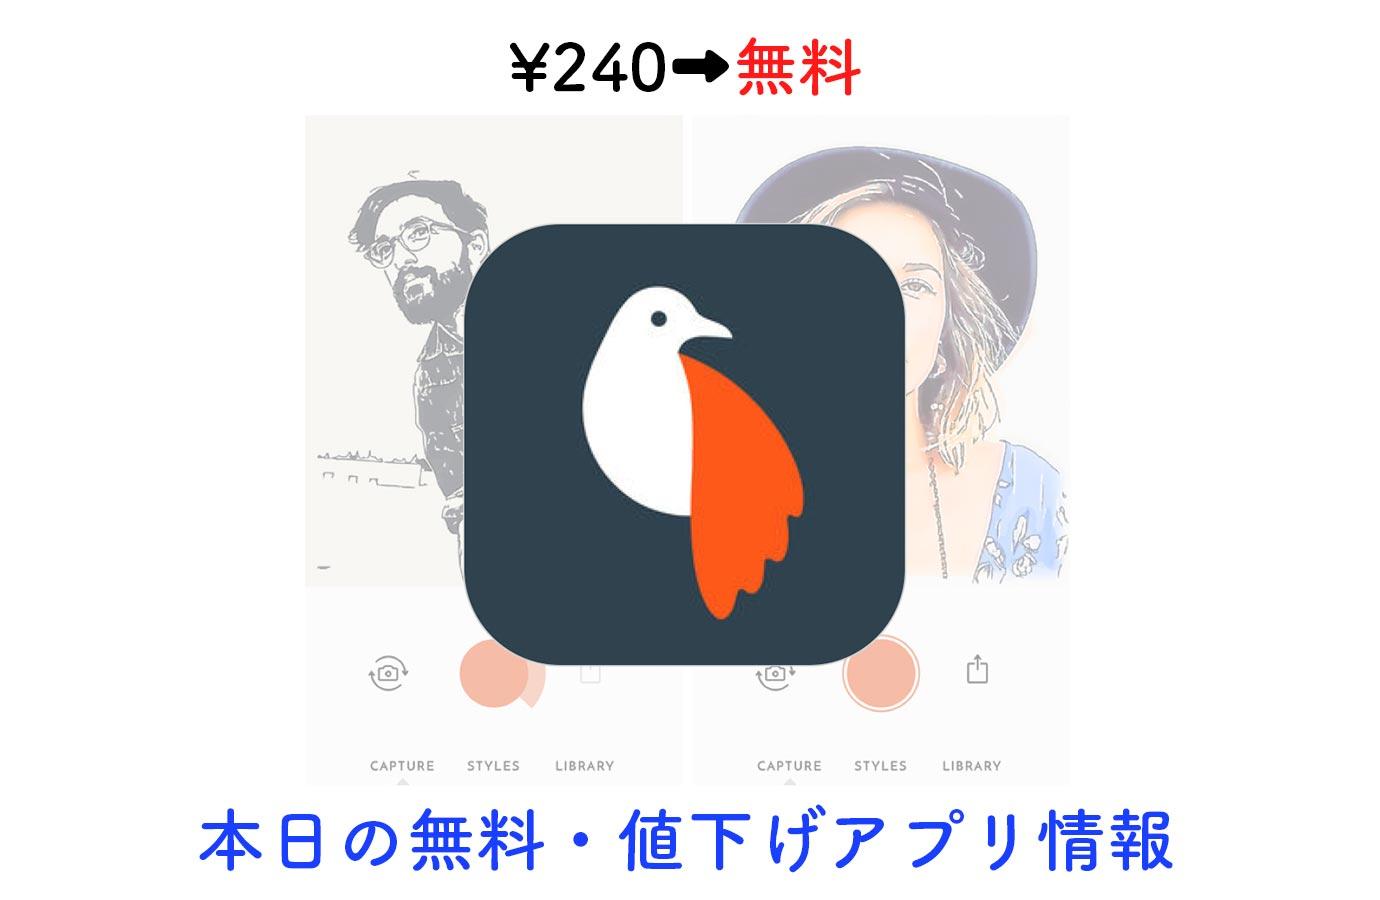 ¥240→無料、写真・動画を絵画のように加工できるカメラアプリ「Olli by Tinrocket」など【11/5】本日の無料・値下げアプリ情報